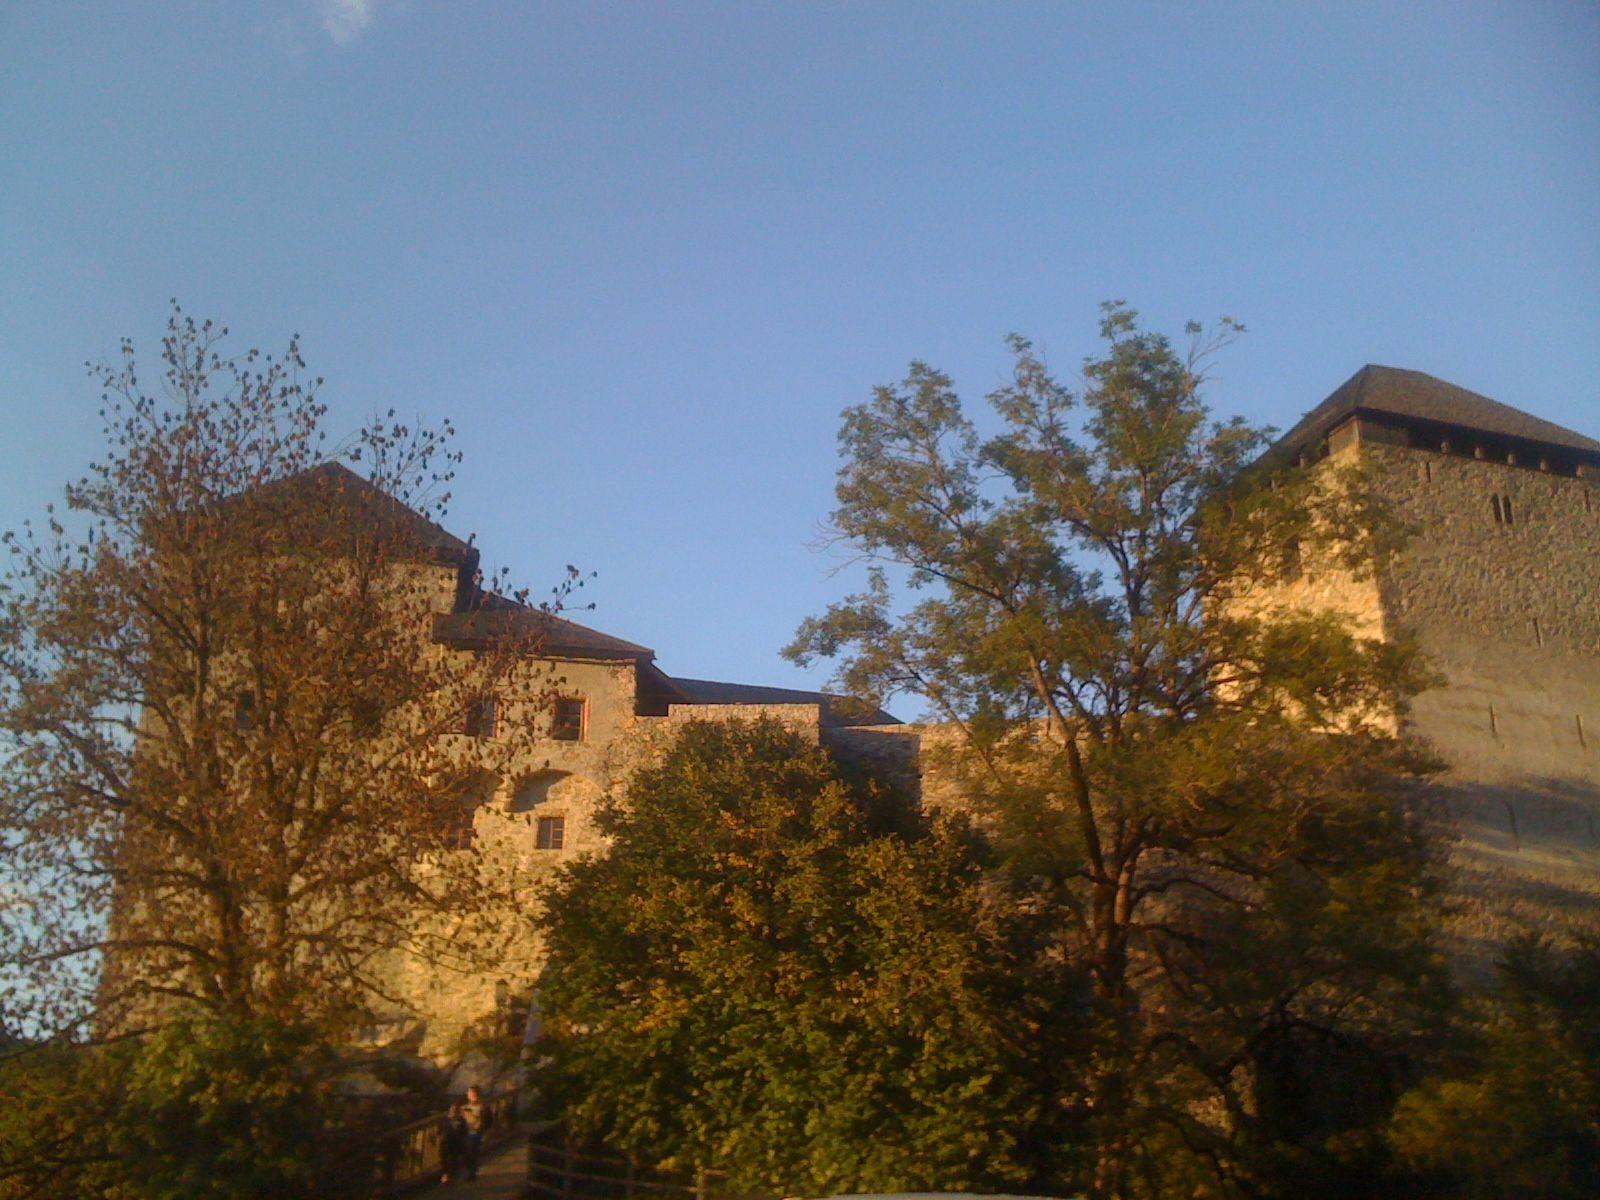 Castlecamp Kaprun 2010: Burg Kaprun am Nachmittag